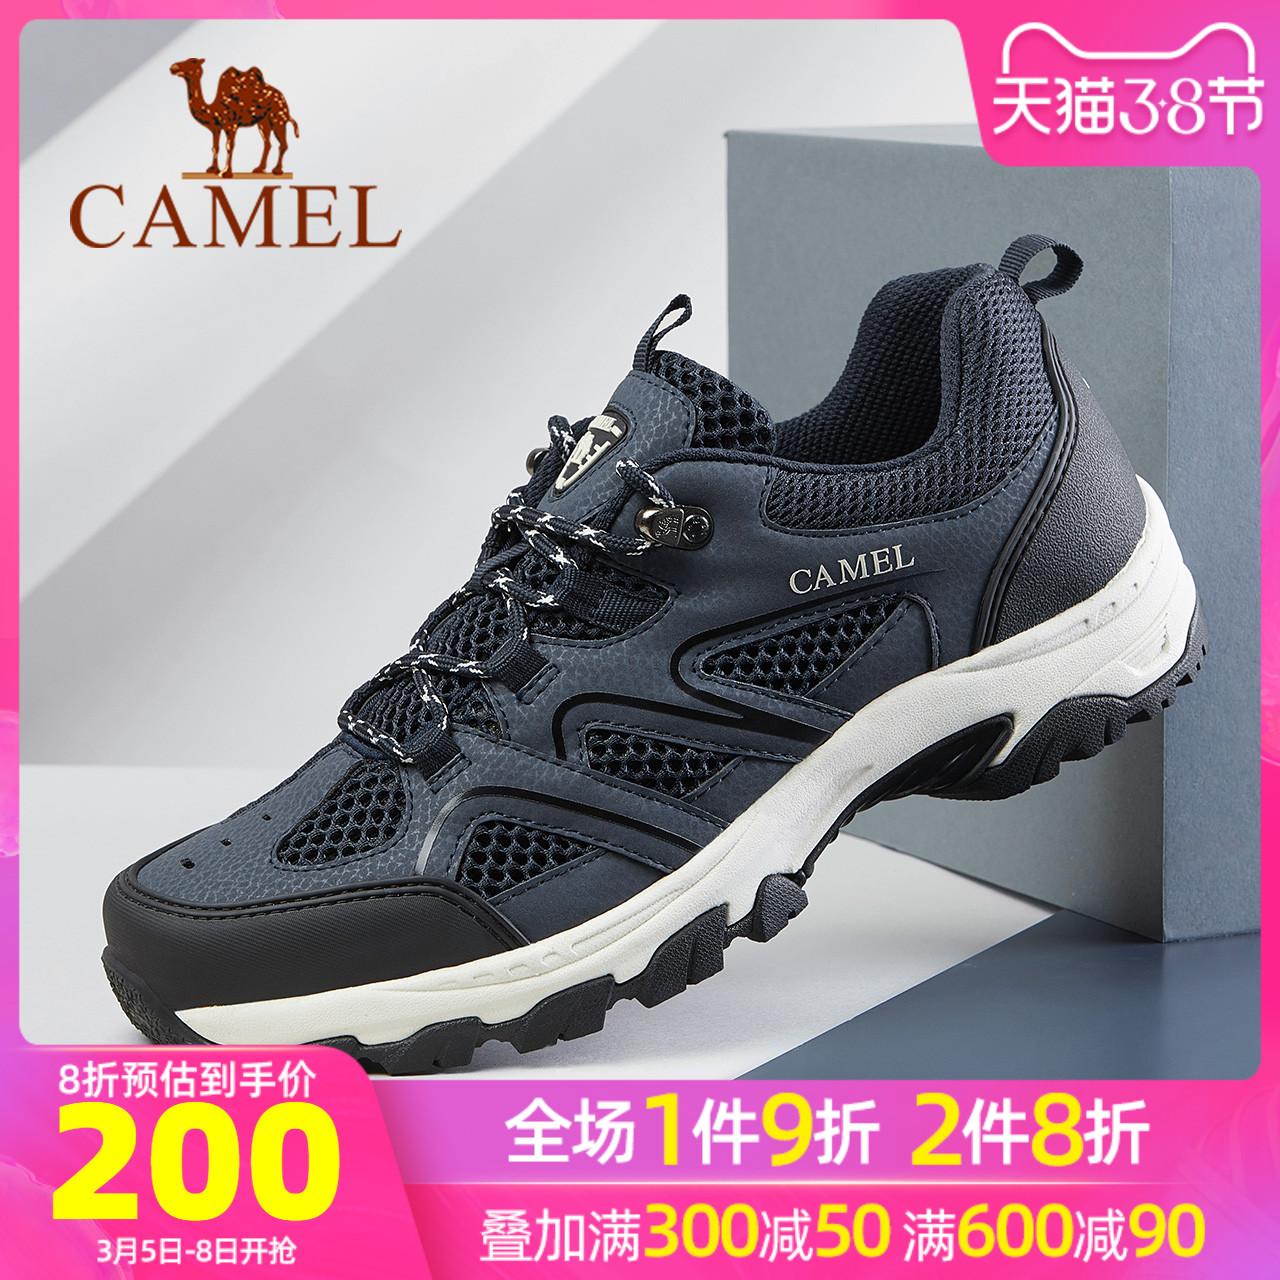 骆驼男鞋 春季户外休闲登山鞋男女减震低帮徒步鞋透气运动鞋